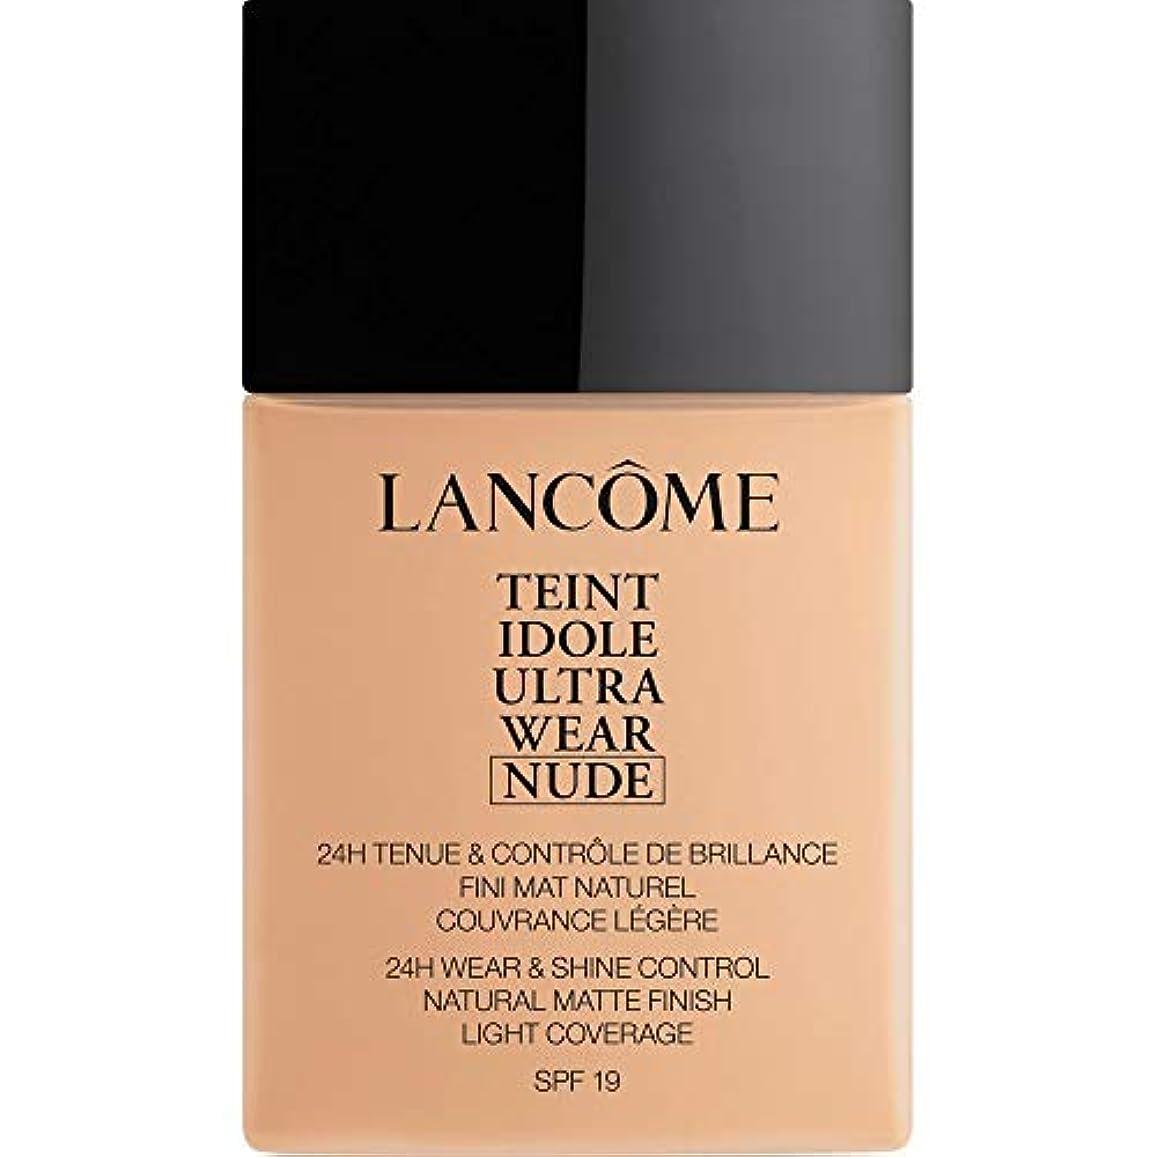 剃る致命的大きなスケールで見ると[Lanc?me ] ランコムTeintのIdole超摩耗ヌード財団Spf19の40ミリリットル021 - ベージュジャスミン - Lancome Teint Idole Ultra Wear Nude Foundation...